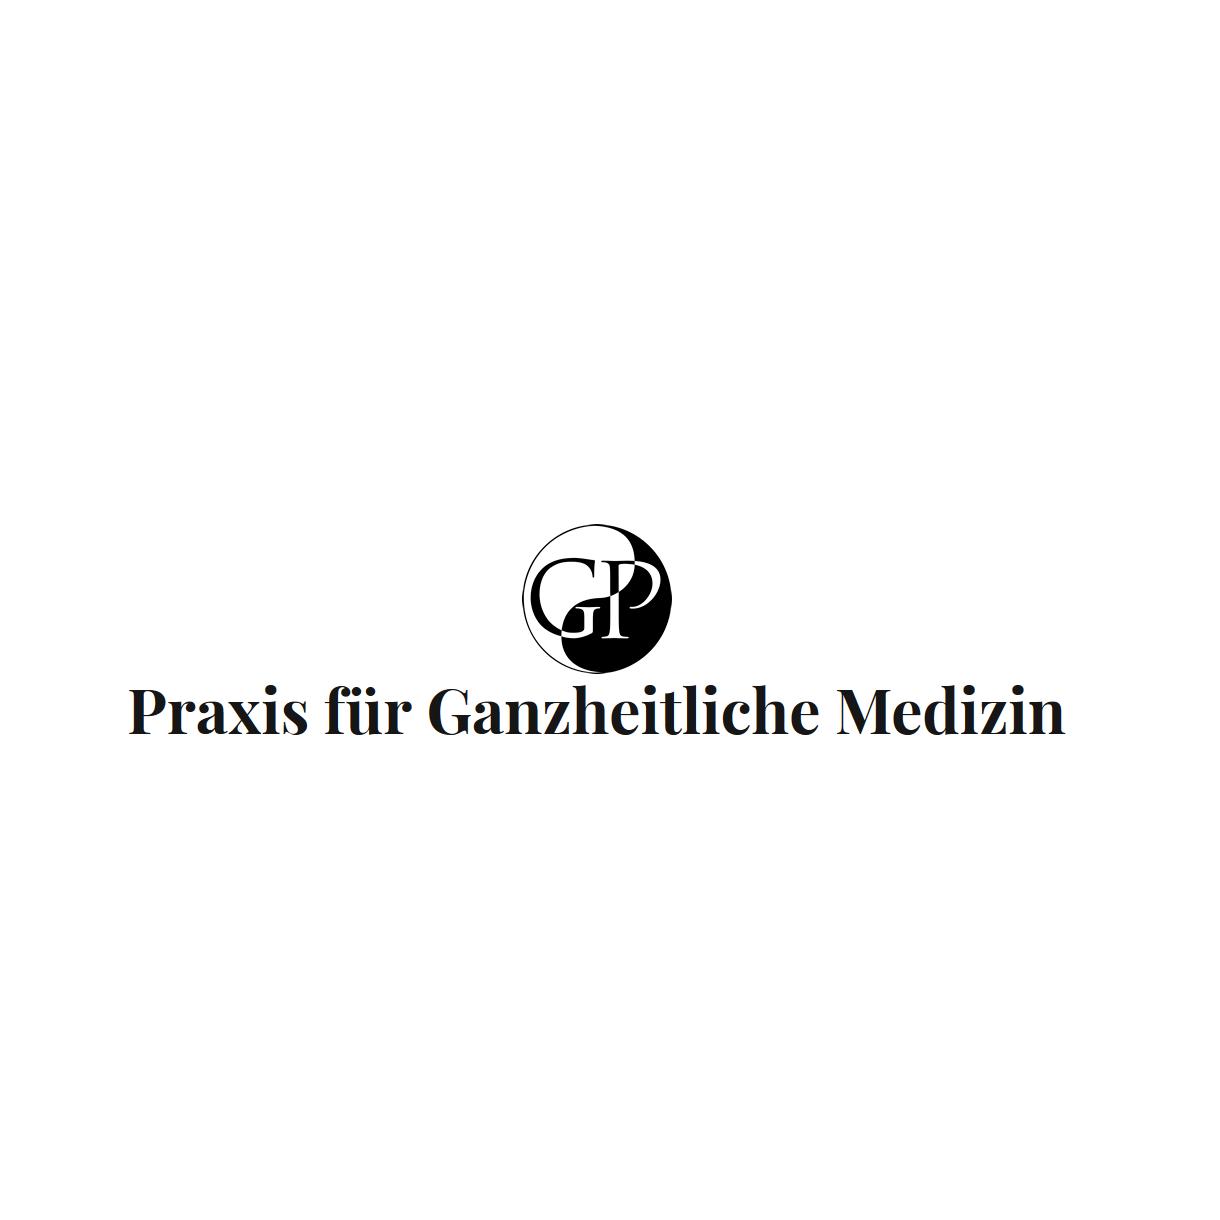 Praxis für Ganzheitliche Medizin / Dr. Marjan Graf-Petschnig